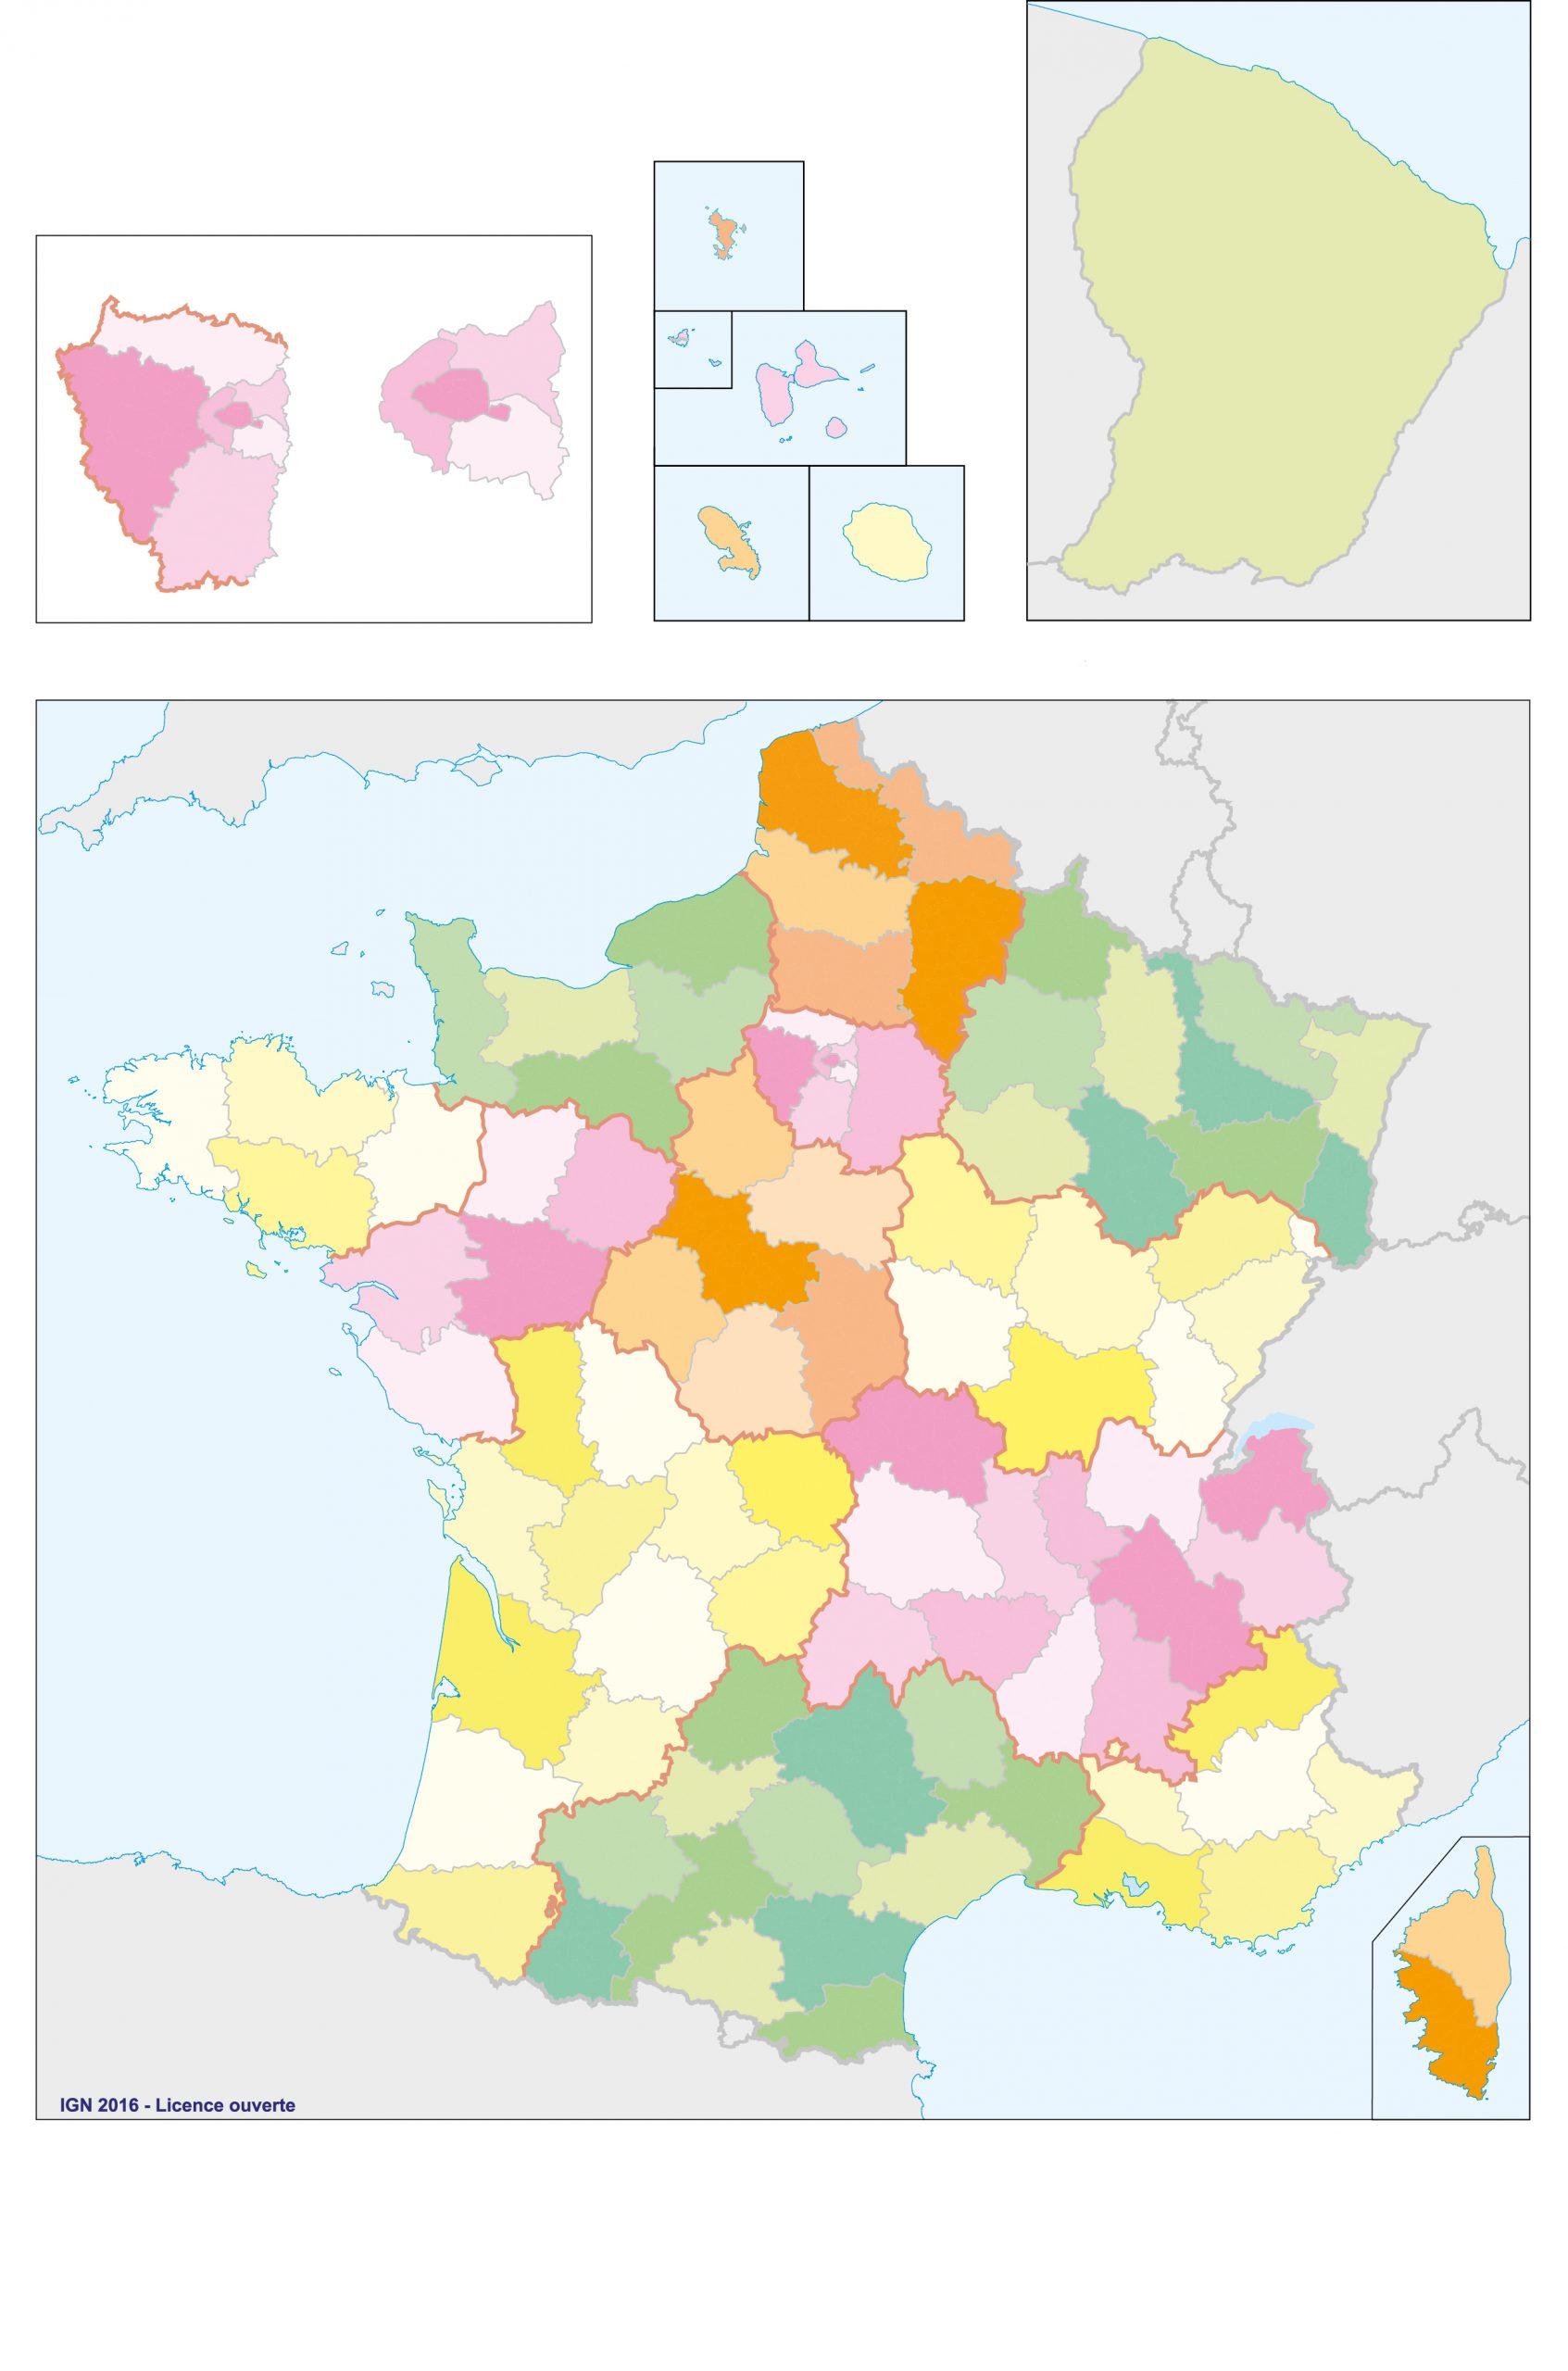 Fonds De Cartes De France, Ign | Webzine+ intérieur Carte De France Vierge Nouvelles Régions